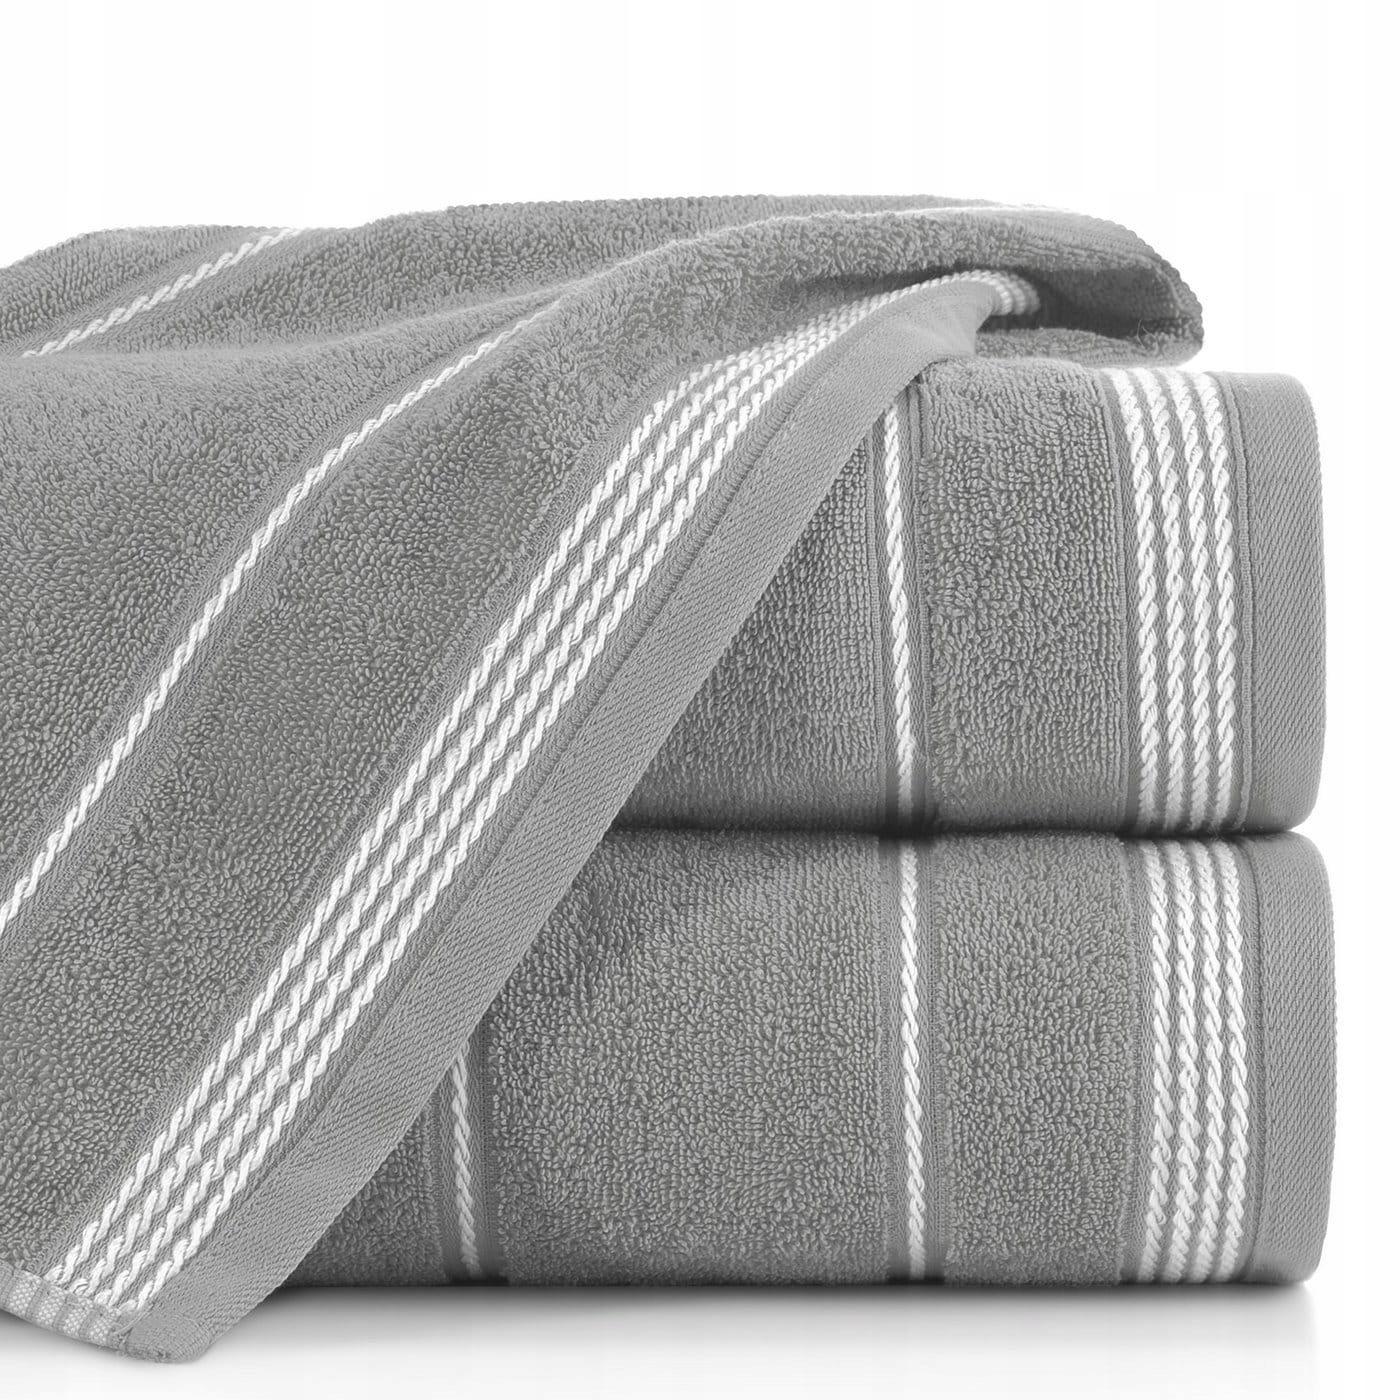 Комплект набор полотенец 4 шт. толстые